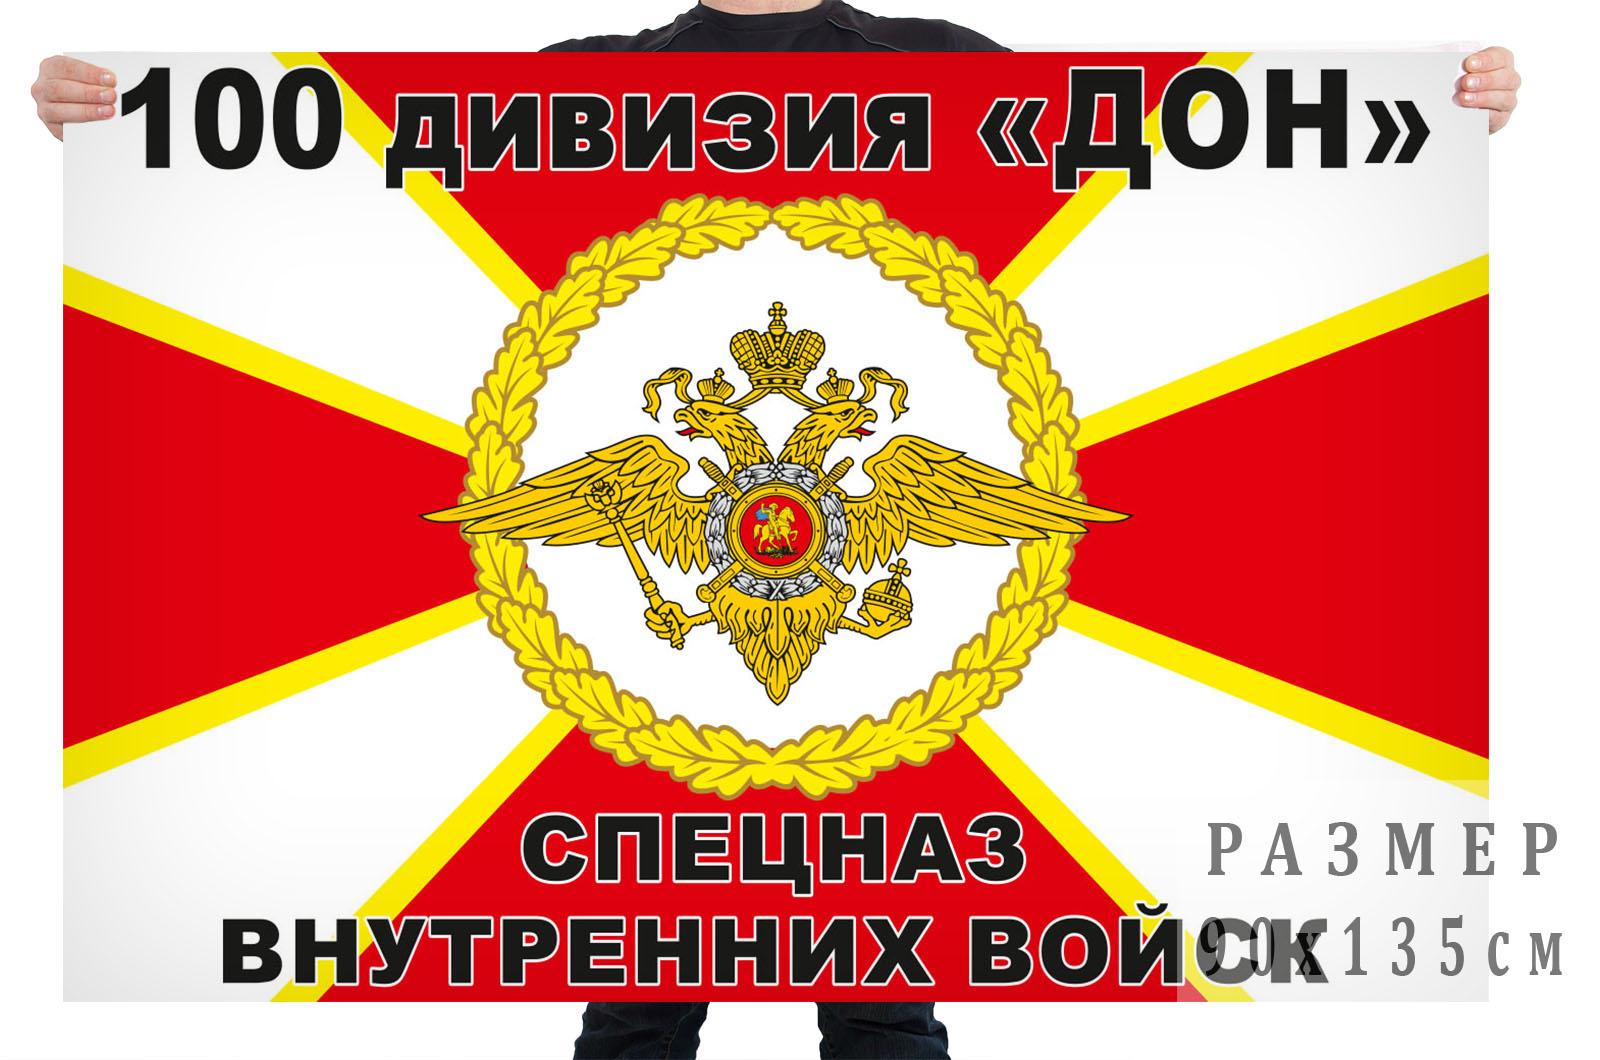 Флаг спецназа Внутренних войск 100 дивизия «ДОН»